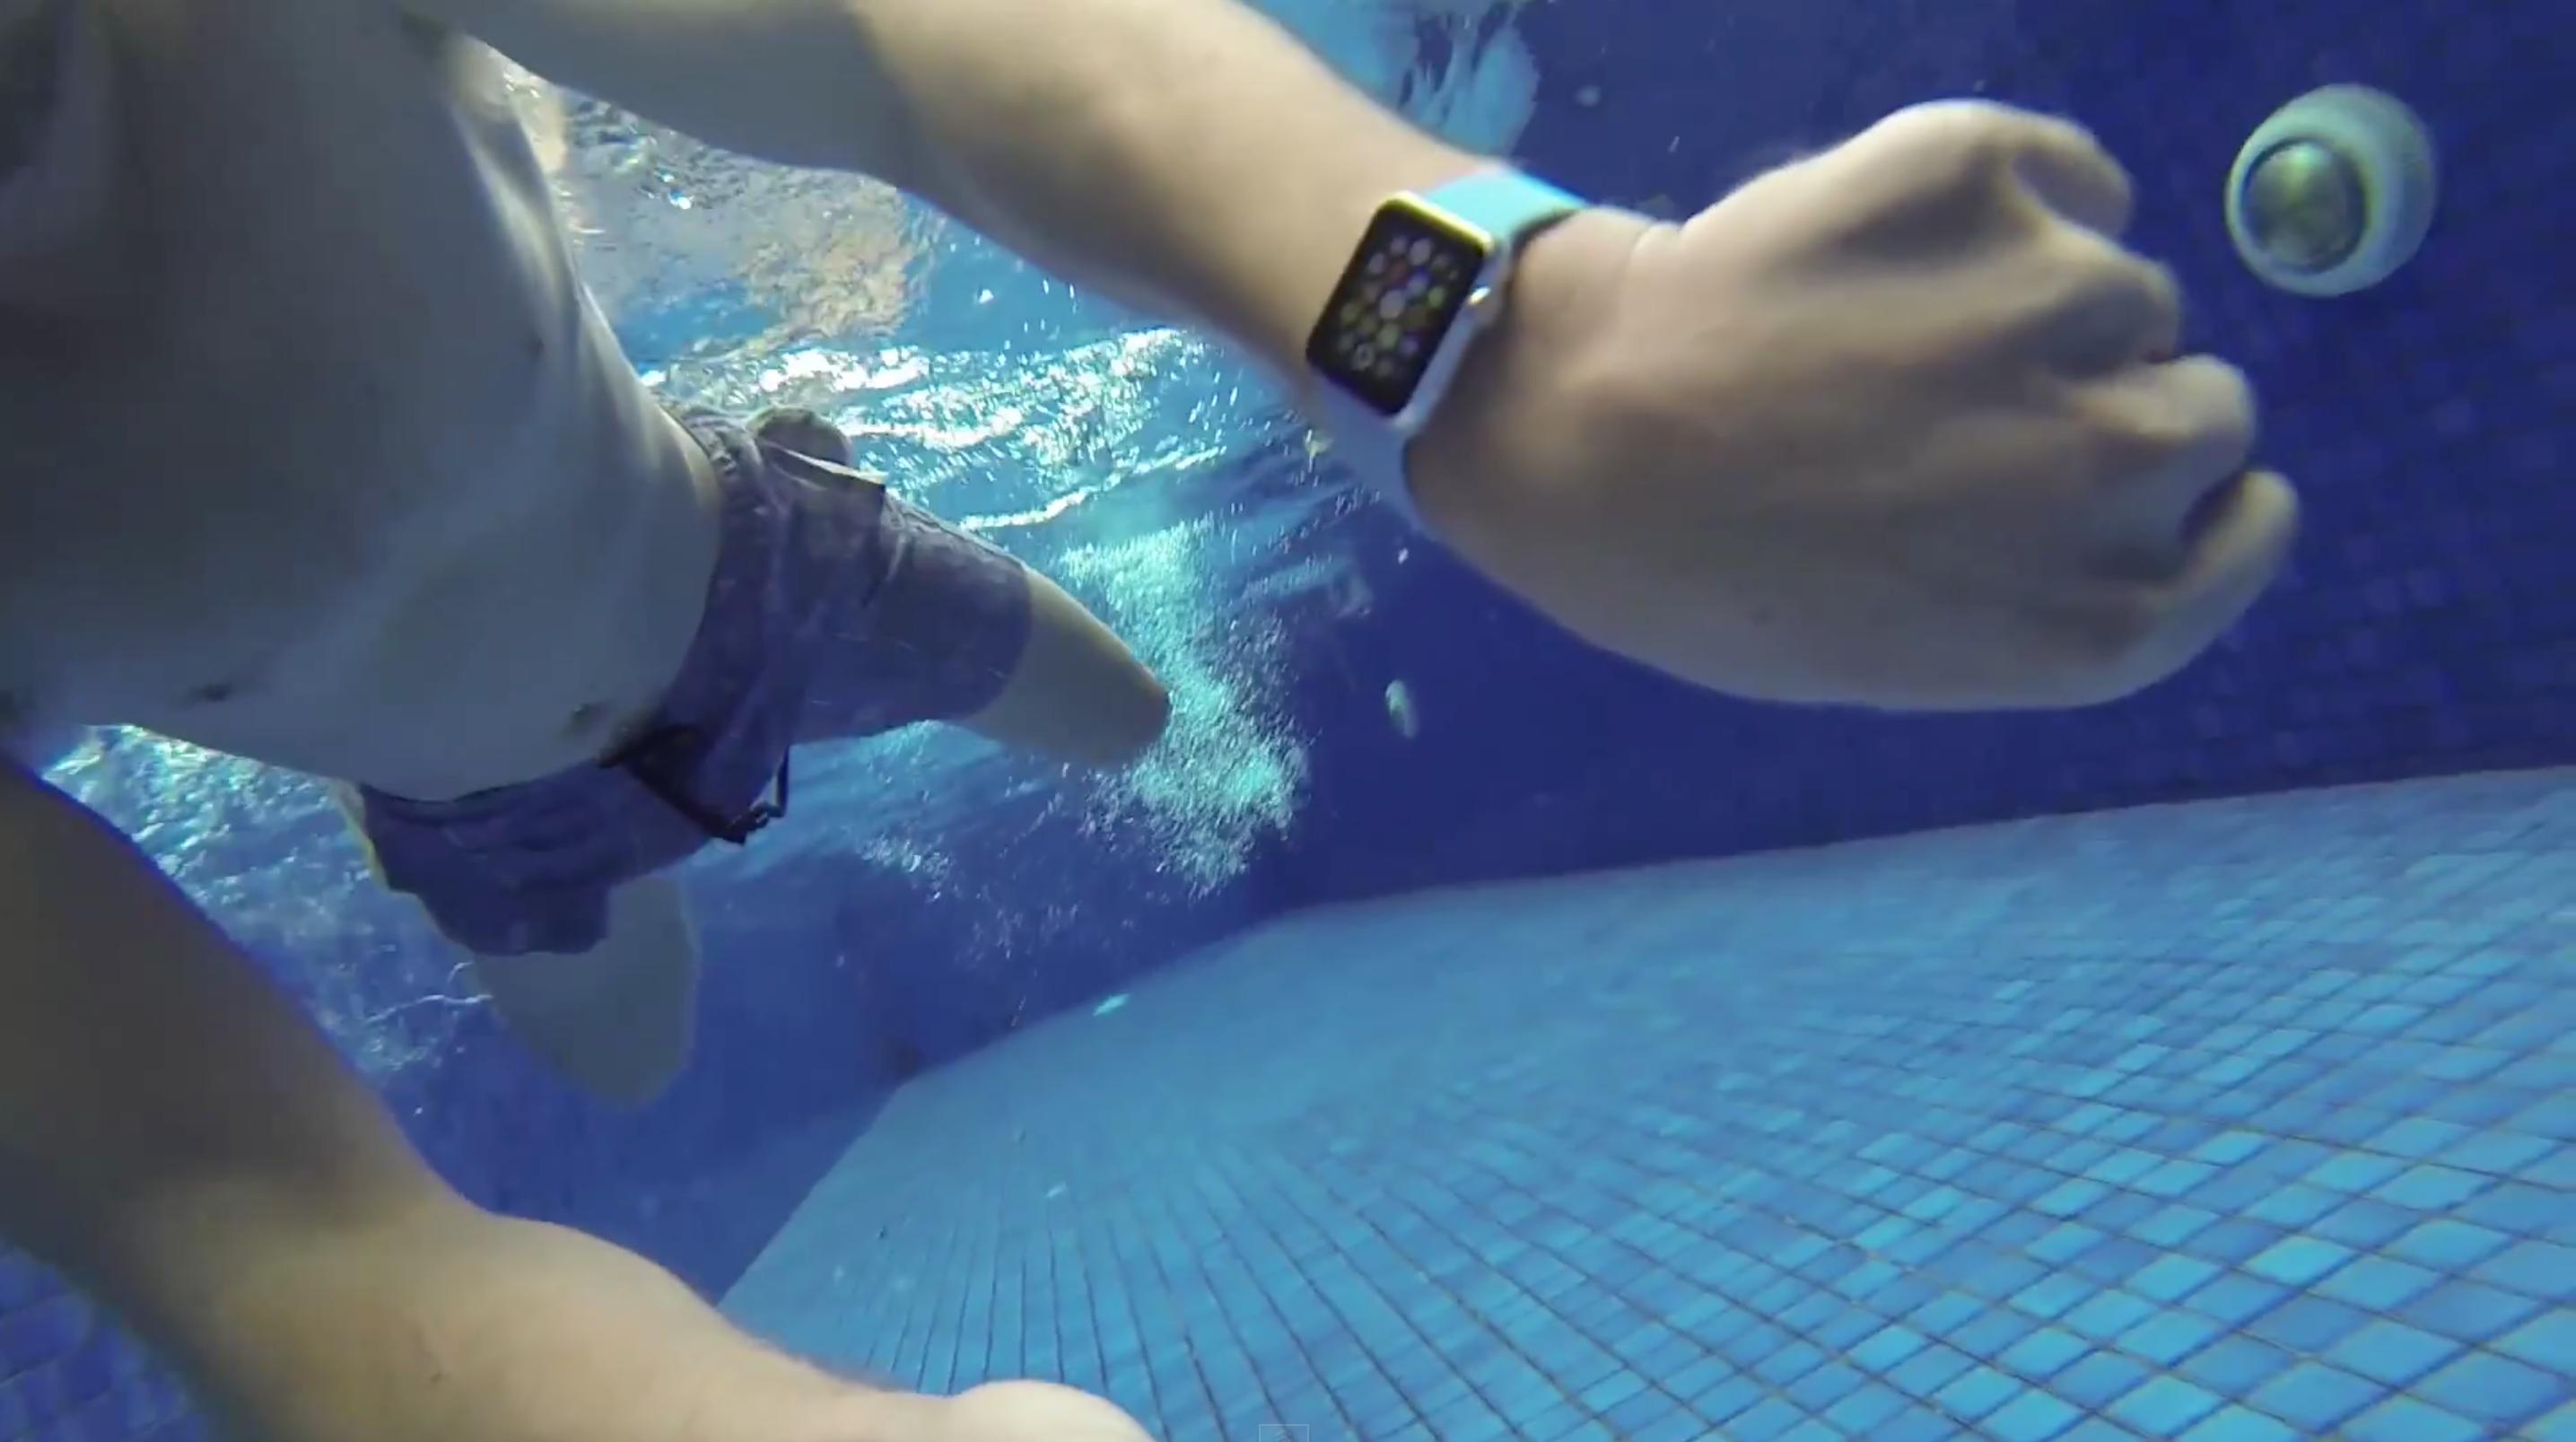 Гибкие настройки сделают часы идеальным партнером по плаванию.